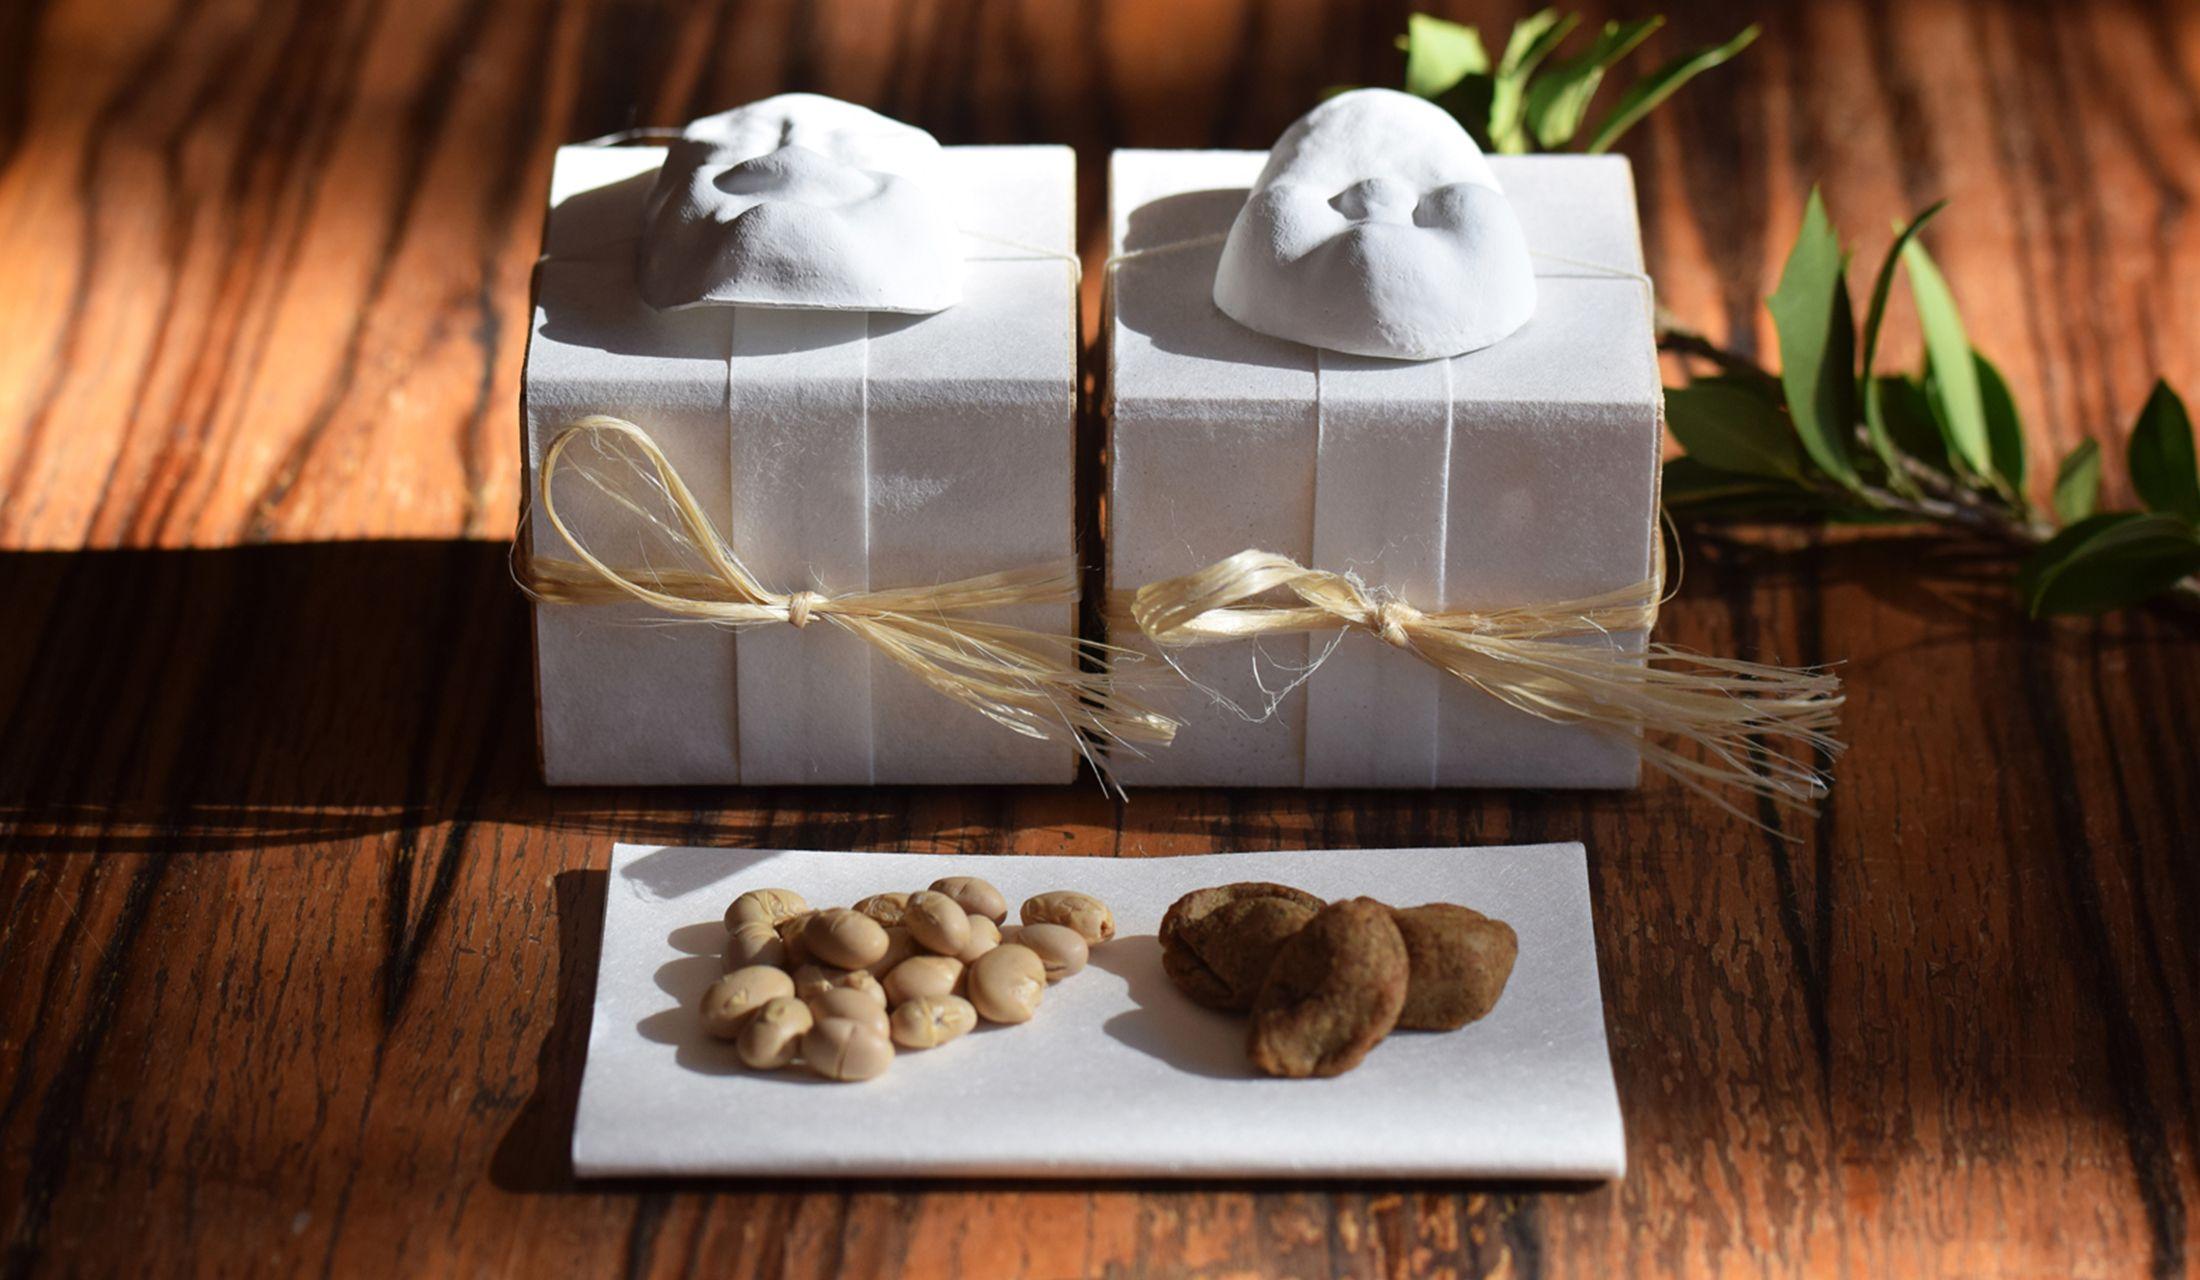 HIGASHIYA(ヒガシヤ)の季節限定和菓子「節分豆」の写真